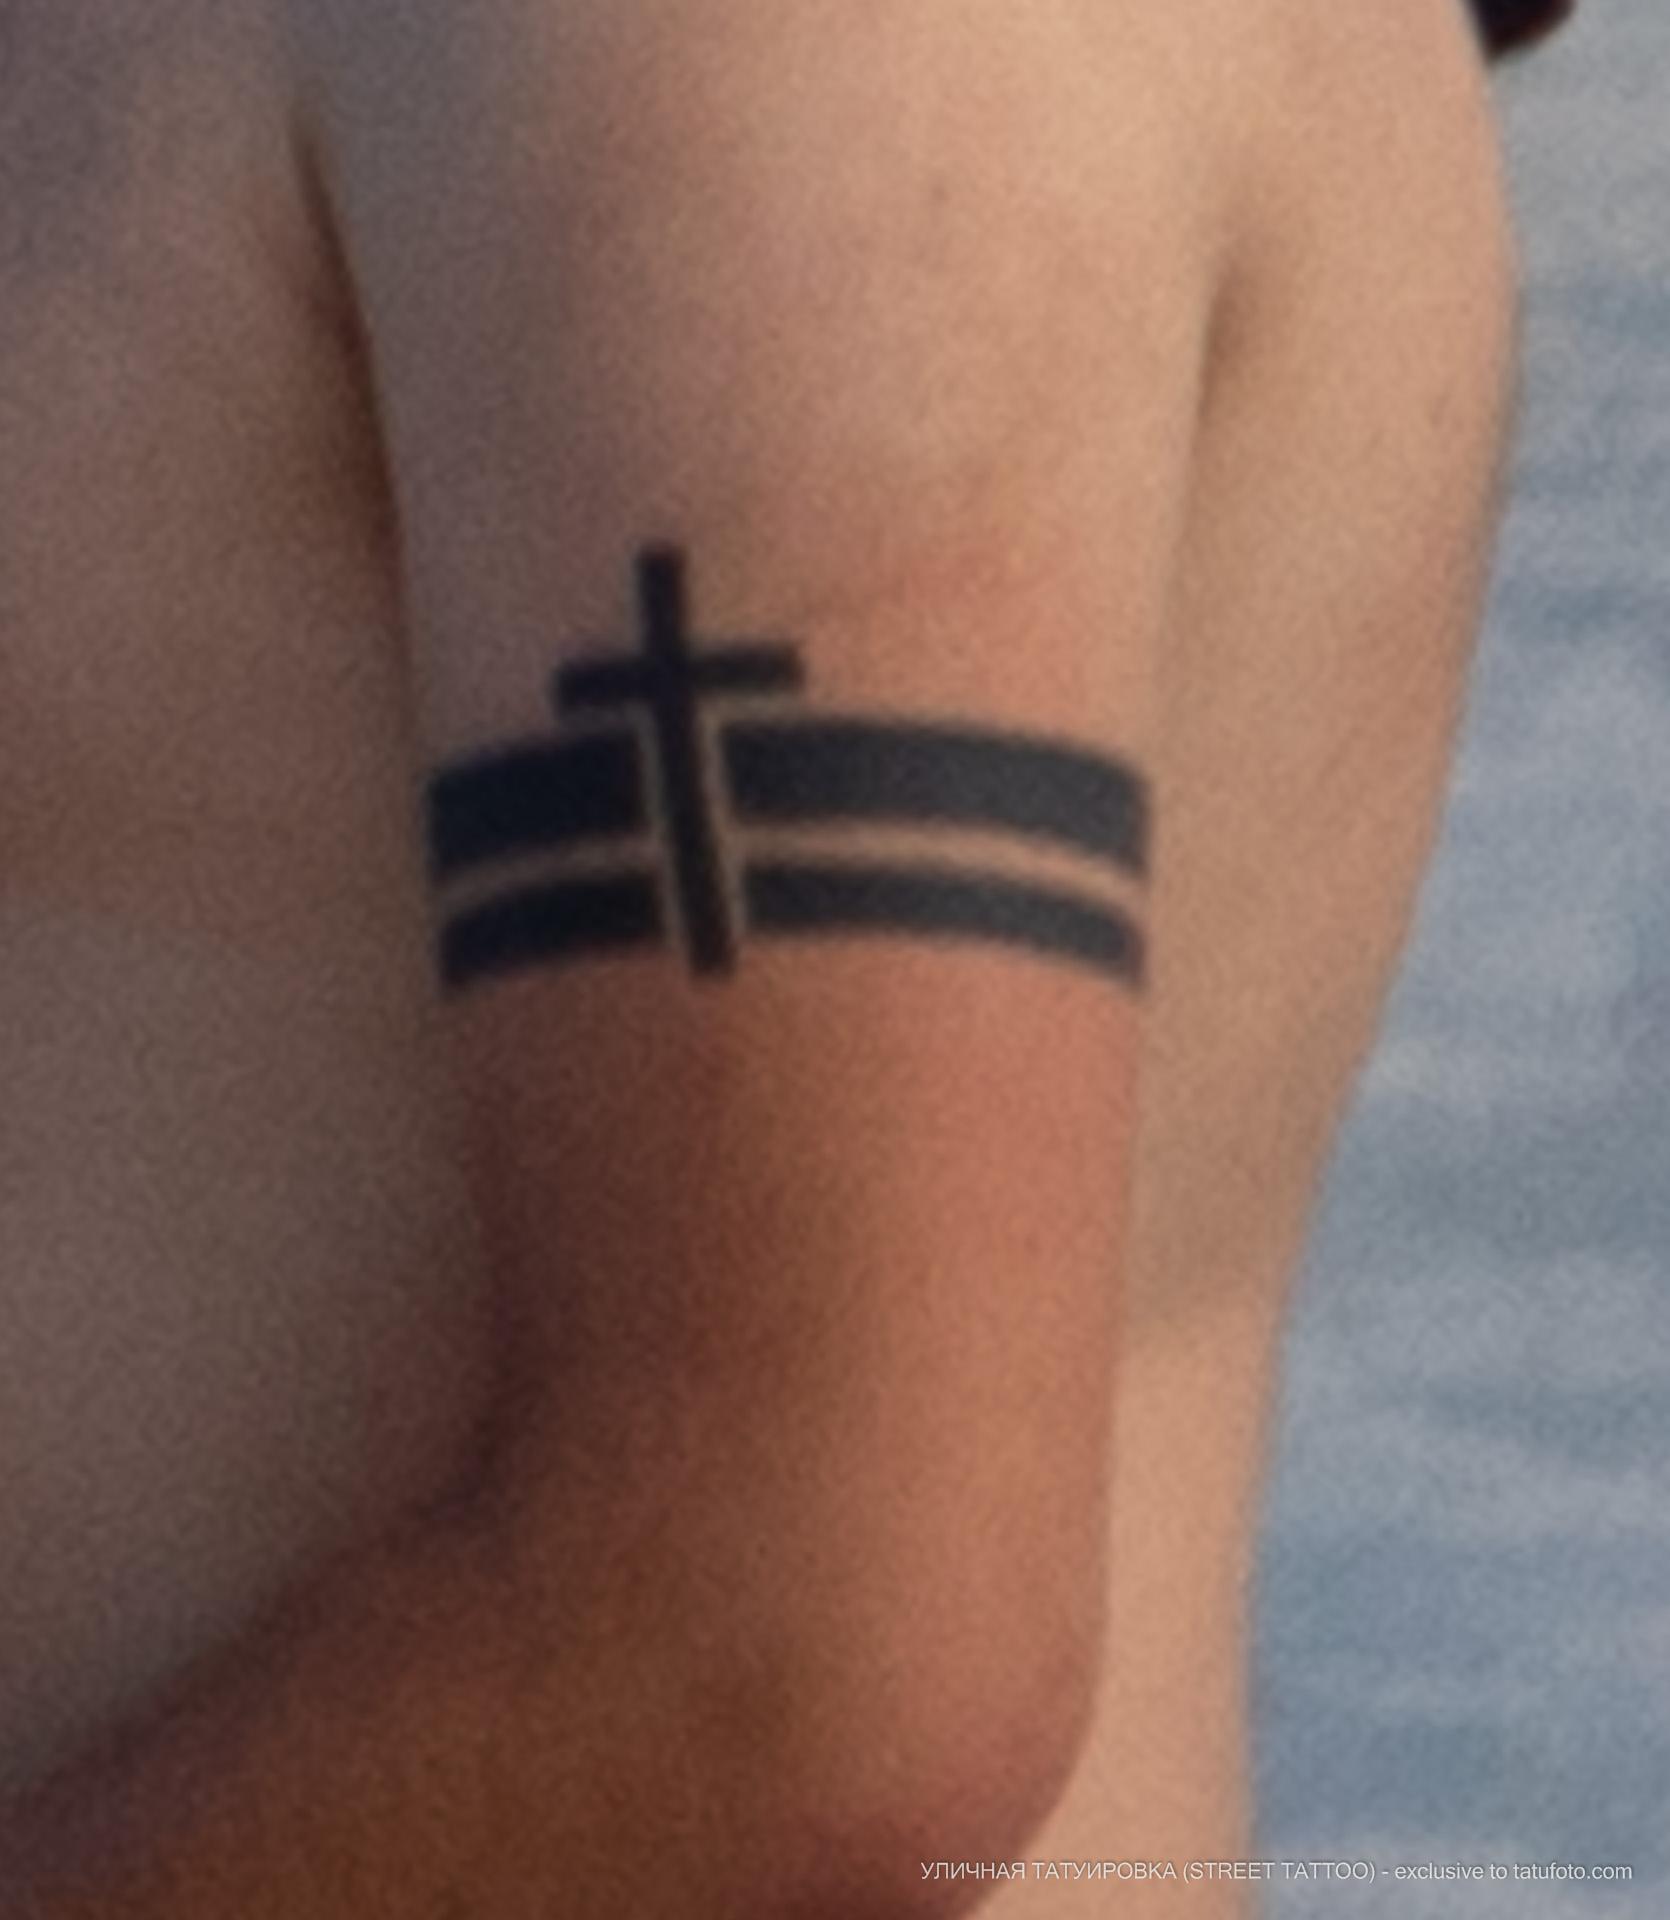 Тату с крестом и линиями на руке мужчины браслетом - Уличная татуировка (street tattoo) № 06 – 18.06.2020 – tatufoto.com 3